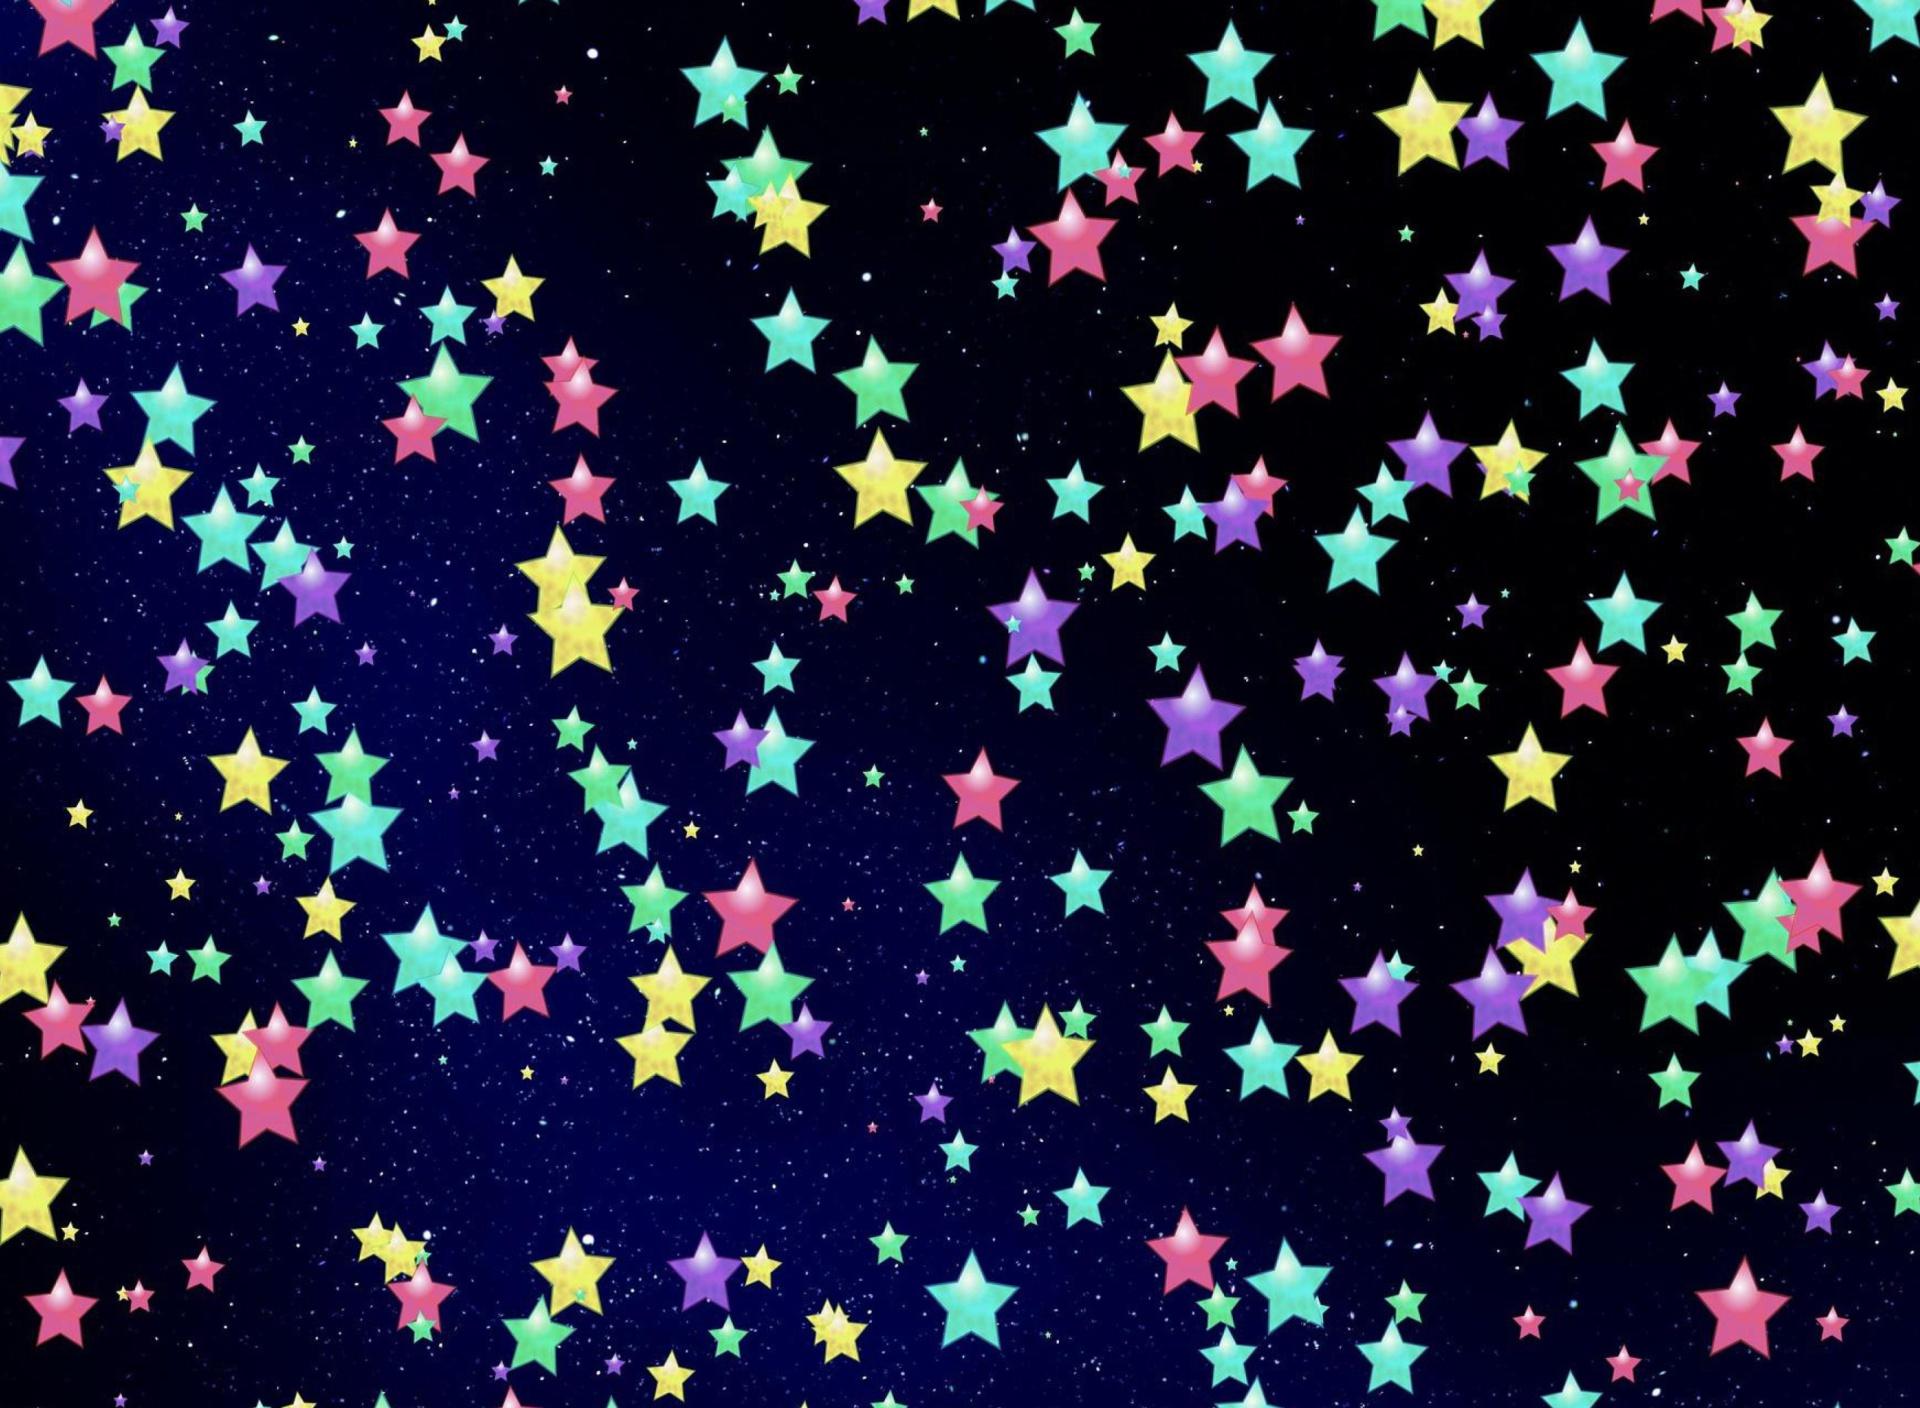 Colorful star wallpaper wallpapersafari for Star wallpaper